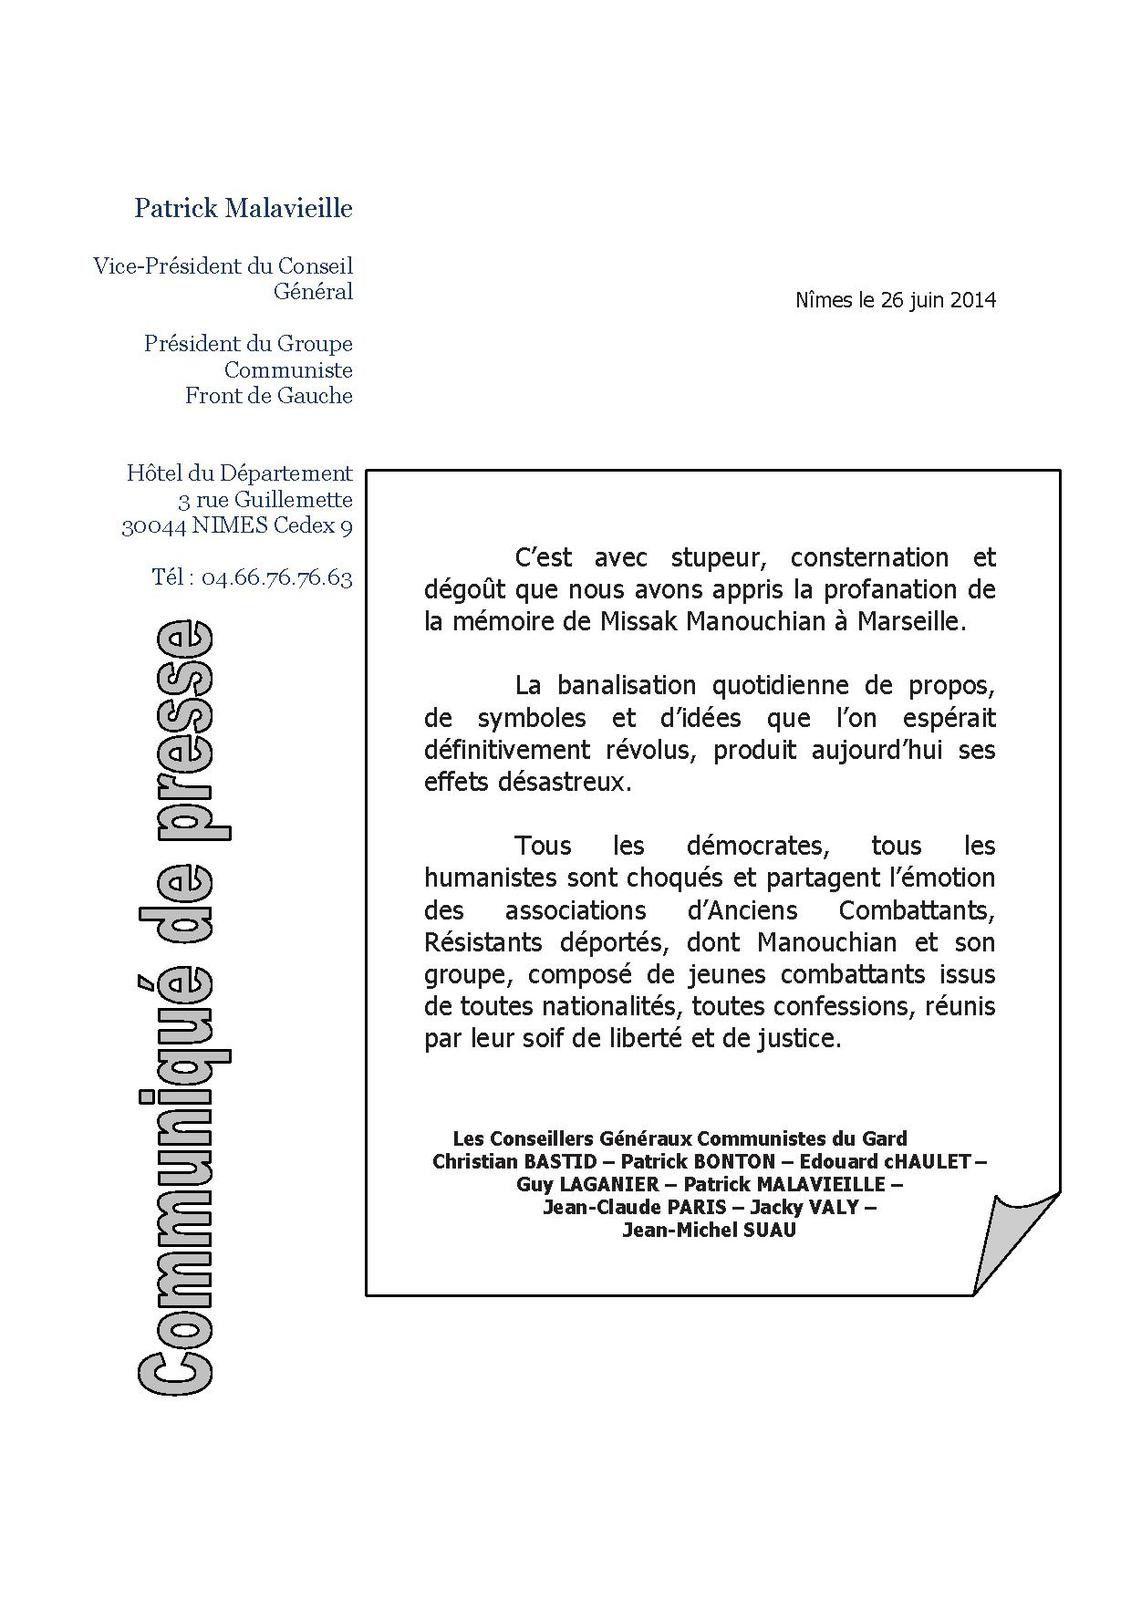 COMMUNIQUE DES CONSEILLERS GENERAUX COMMUNISTES DU GARD SUR LA PROFANATION DE LA MEMOIRE DE MANOUKIAN